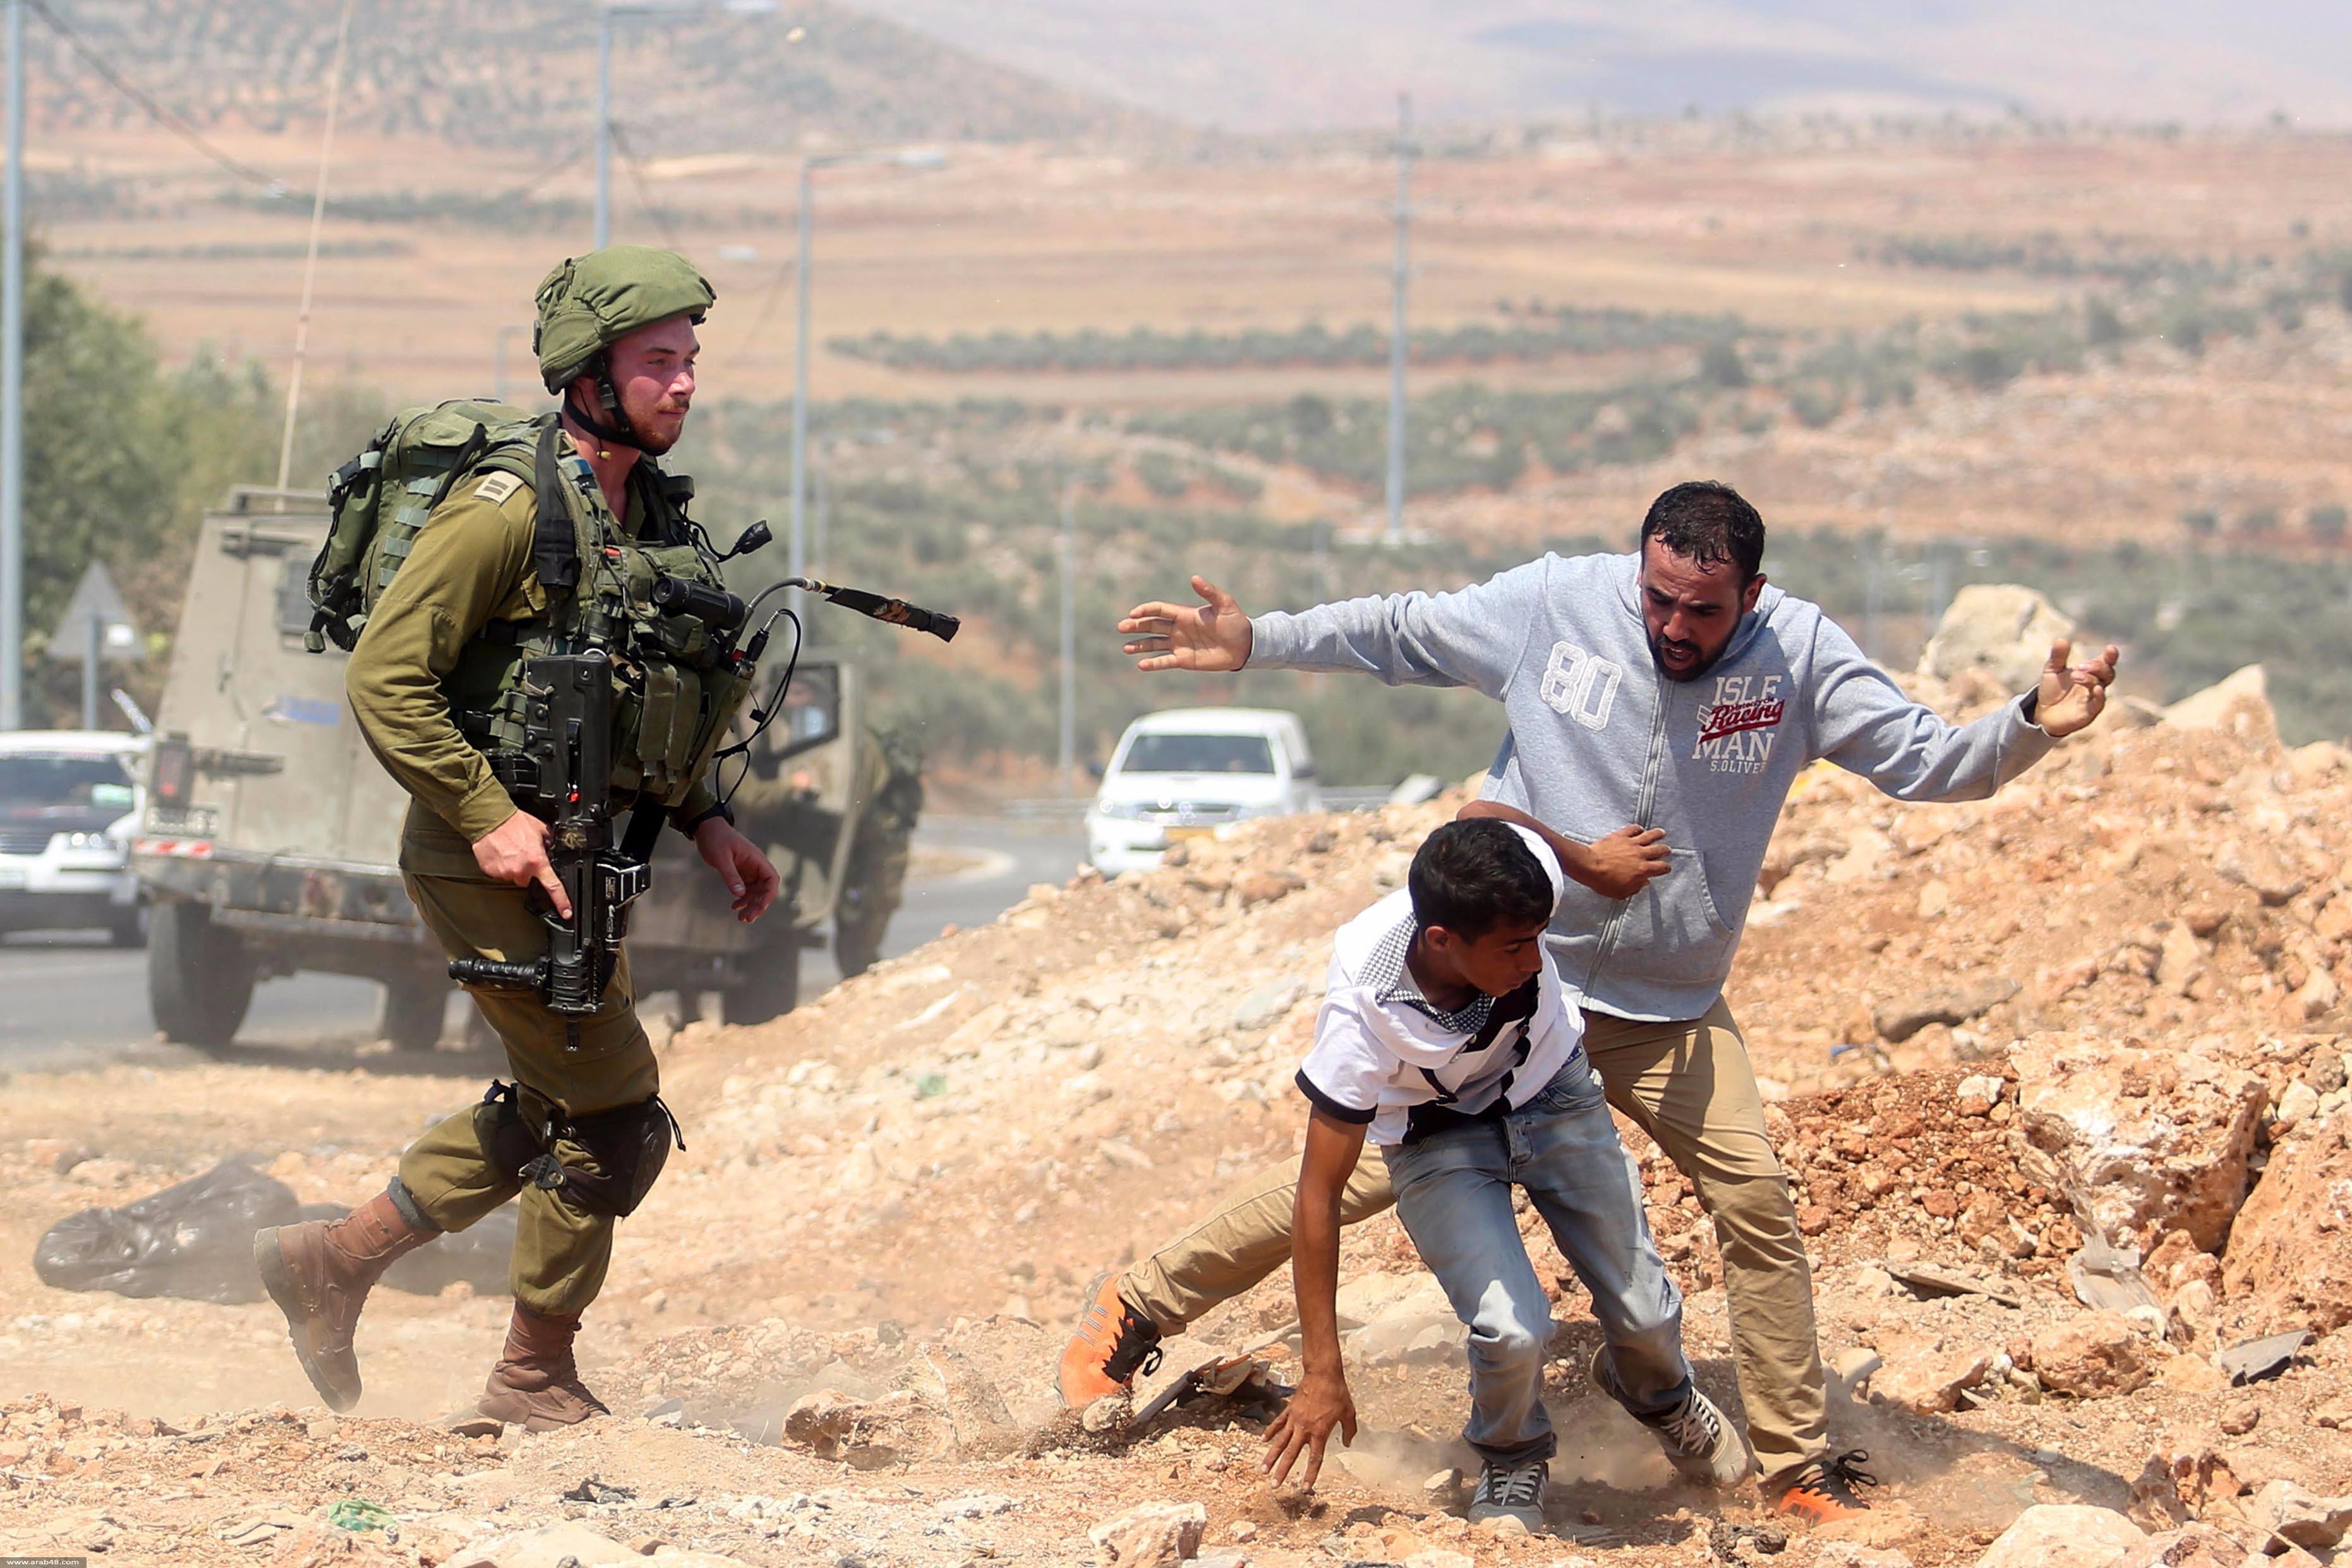 إصابة واختناق عشرات الفلسطينيين بمواجهات مع قوات الاحتلال